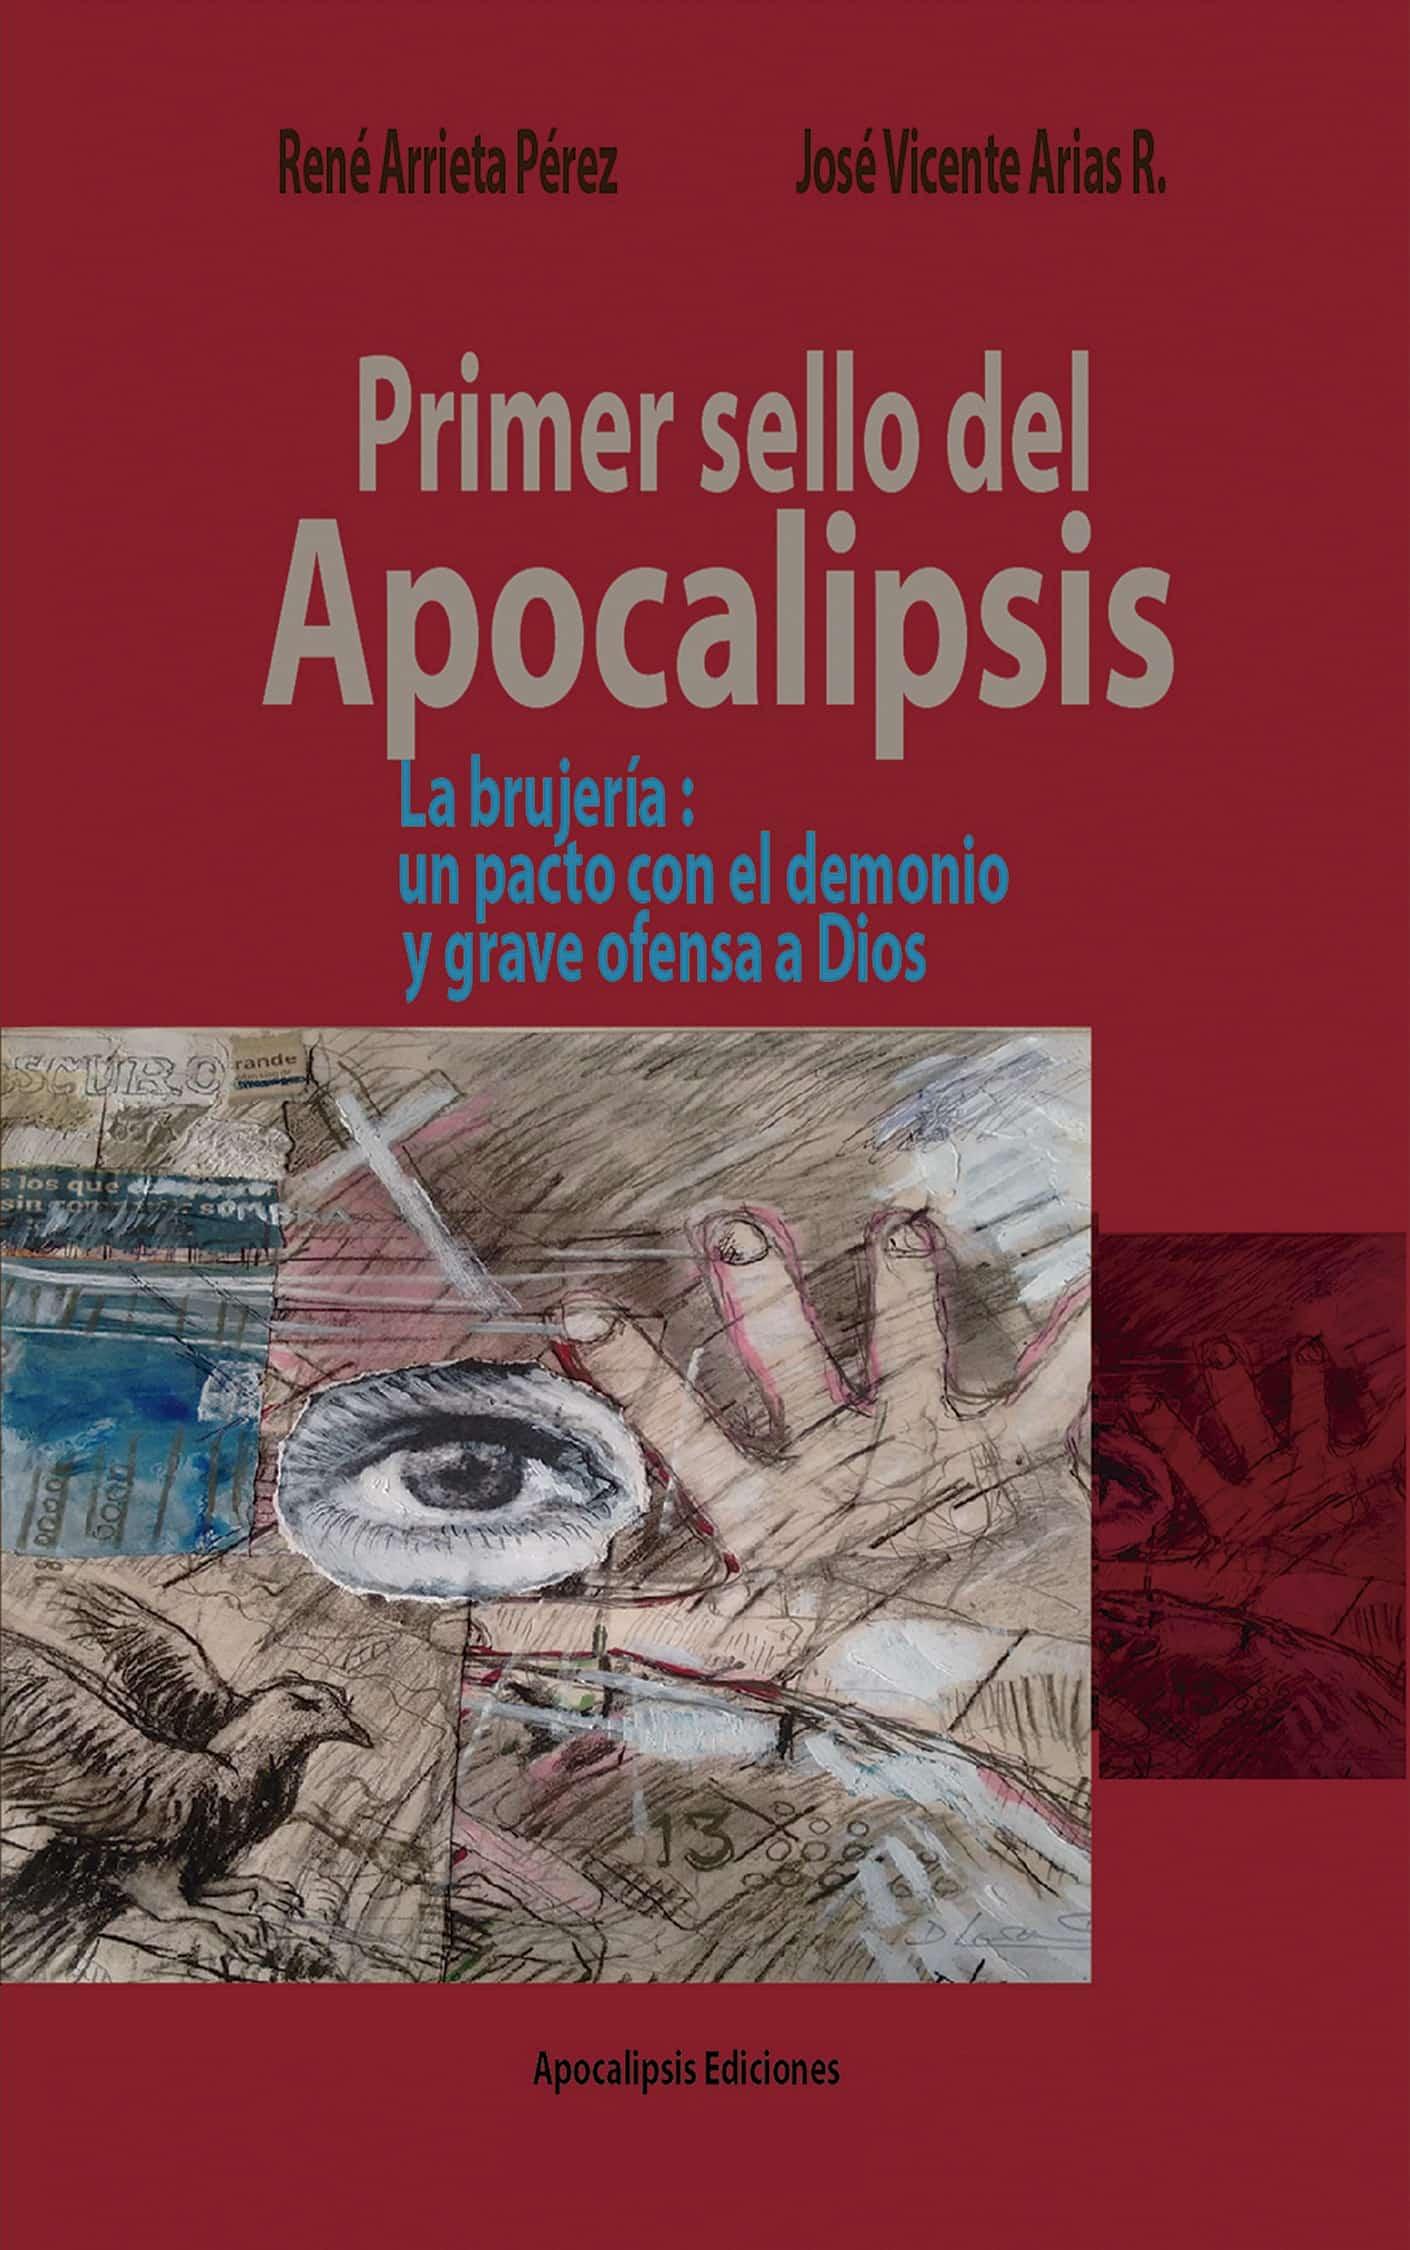 Primer sello del Apocalipsis RENÉ ARRIETA PÉREZ Y JOSÉ VICENTE ARIAS R.